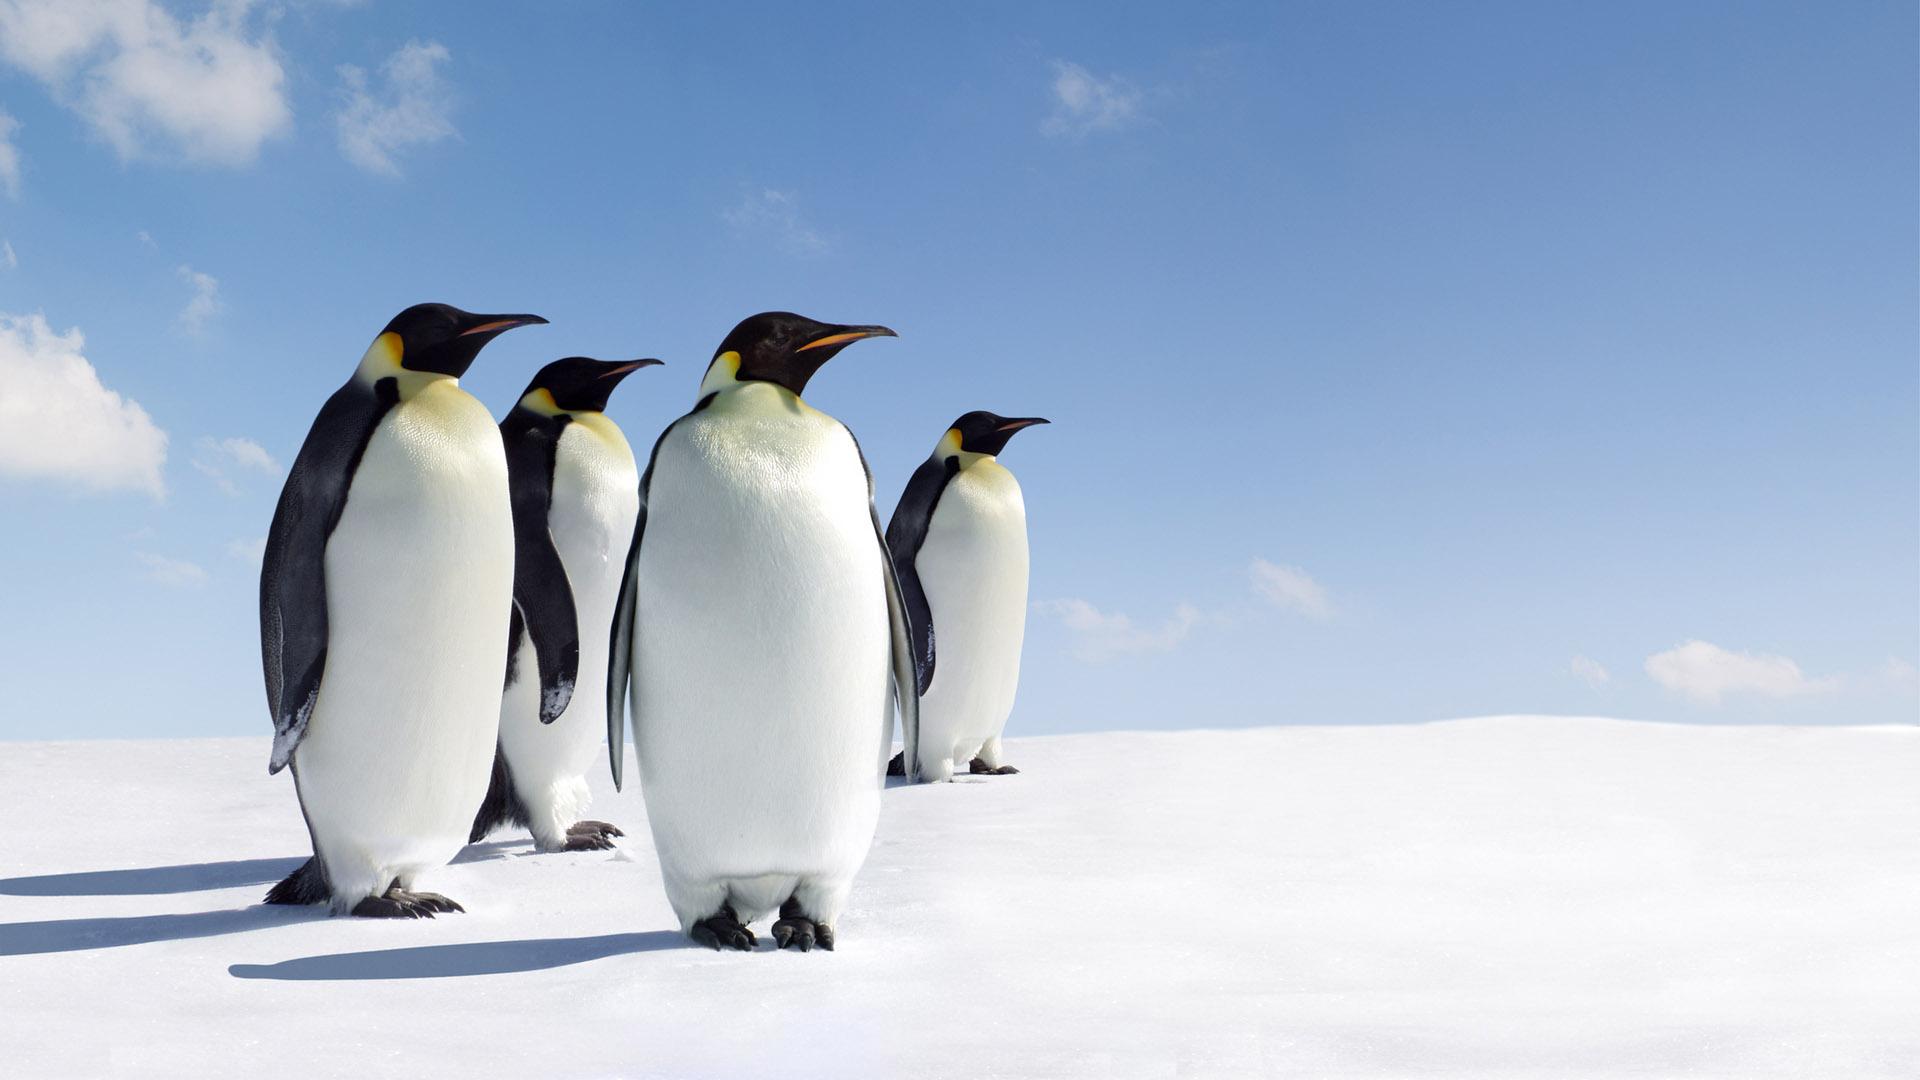 Amazing Animal Wallpapers - Emperor Penguin , HD Wallpaper & Backgrounds